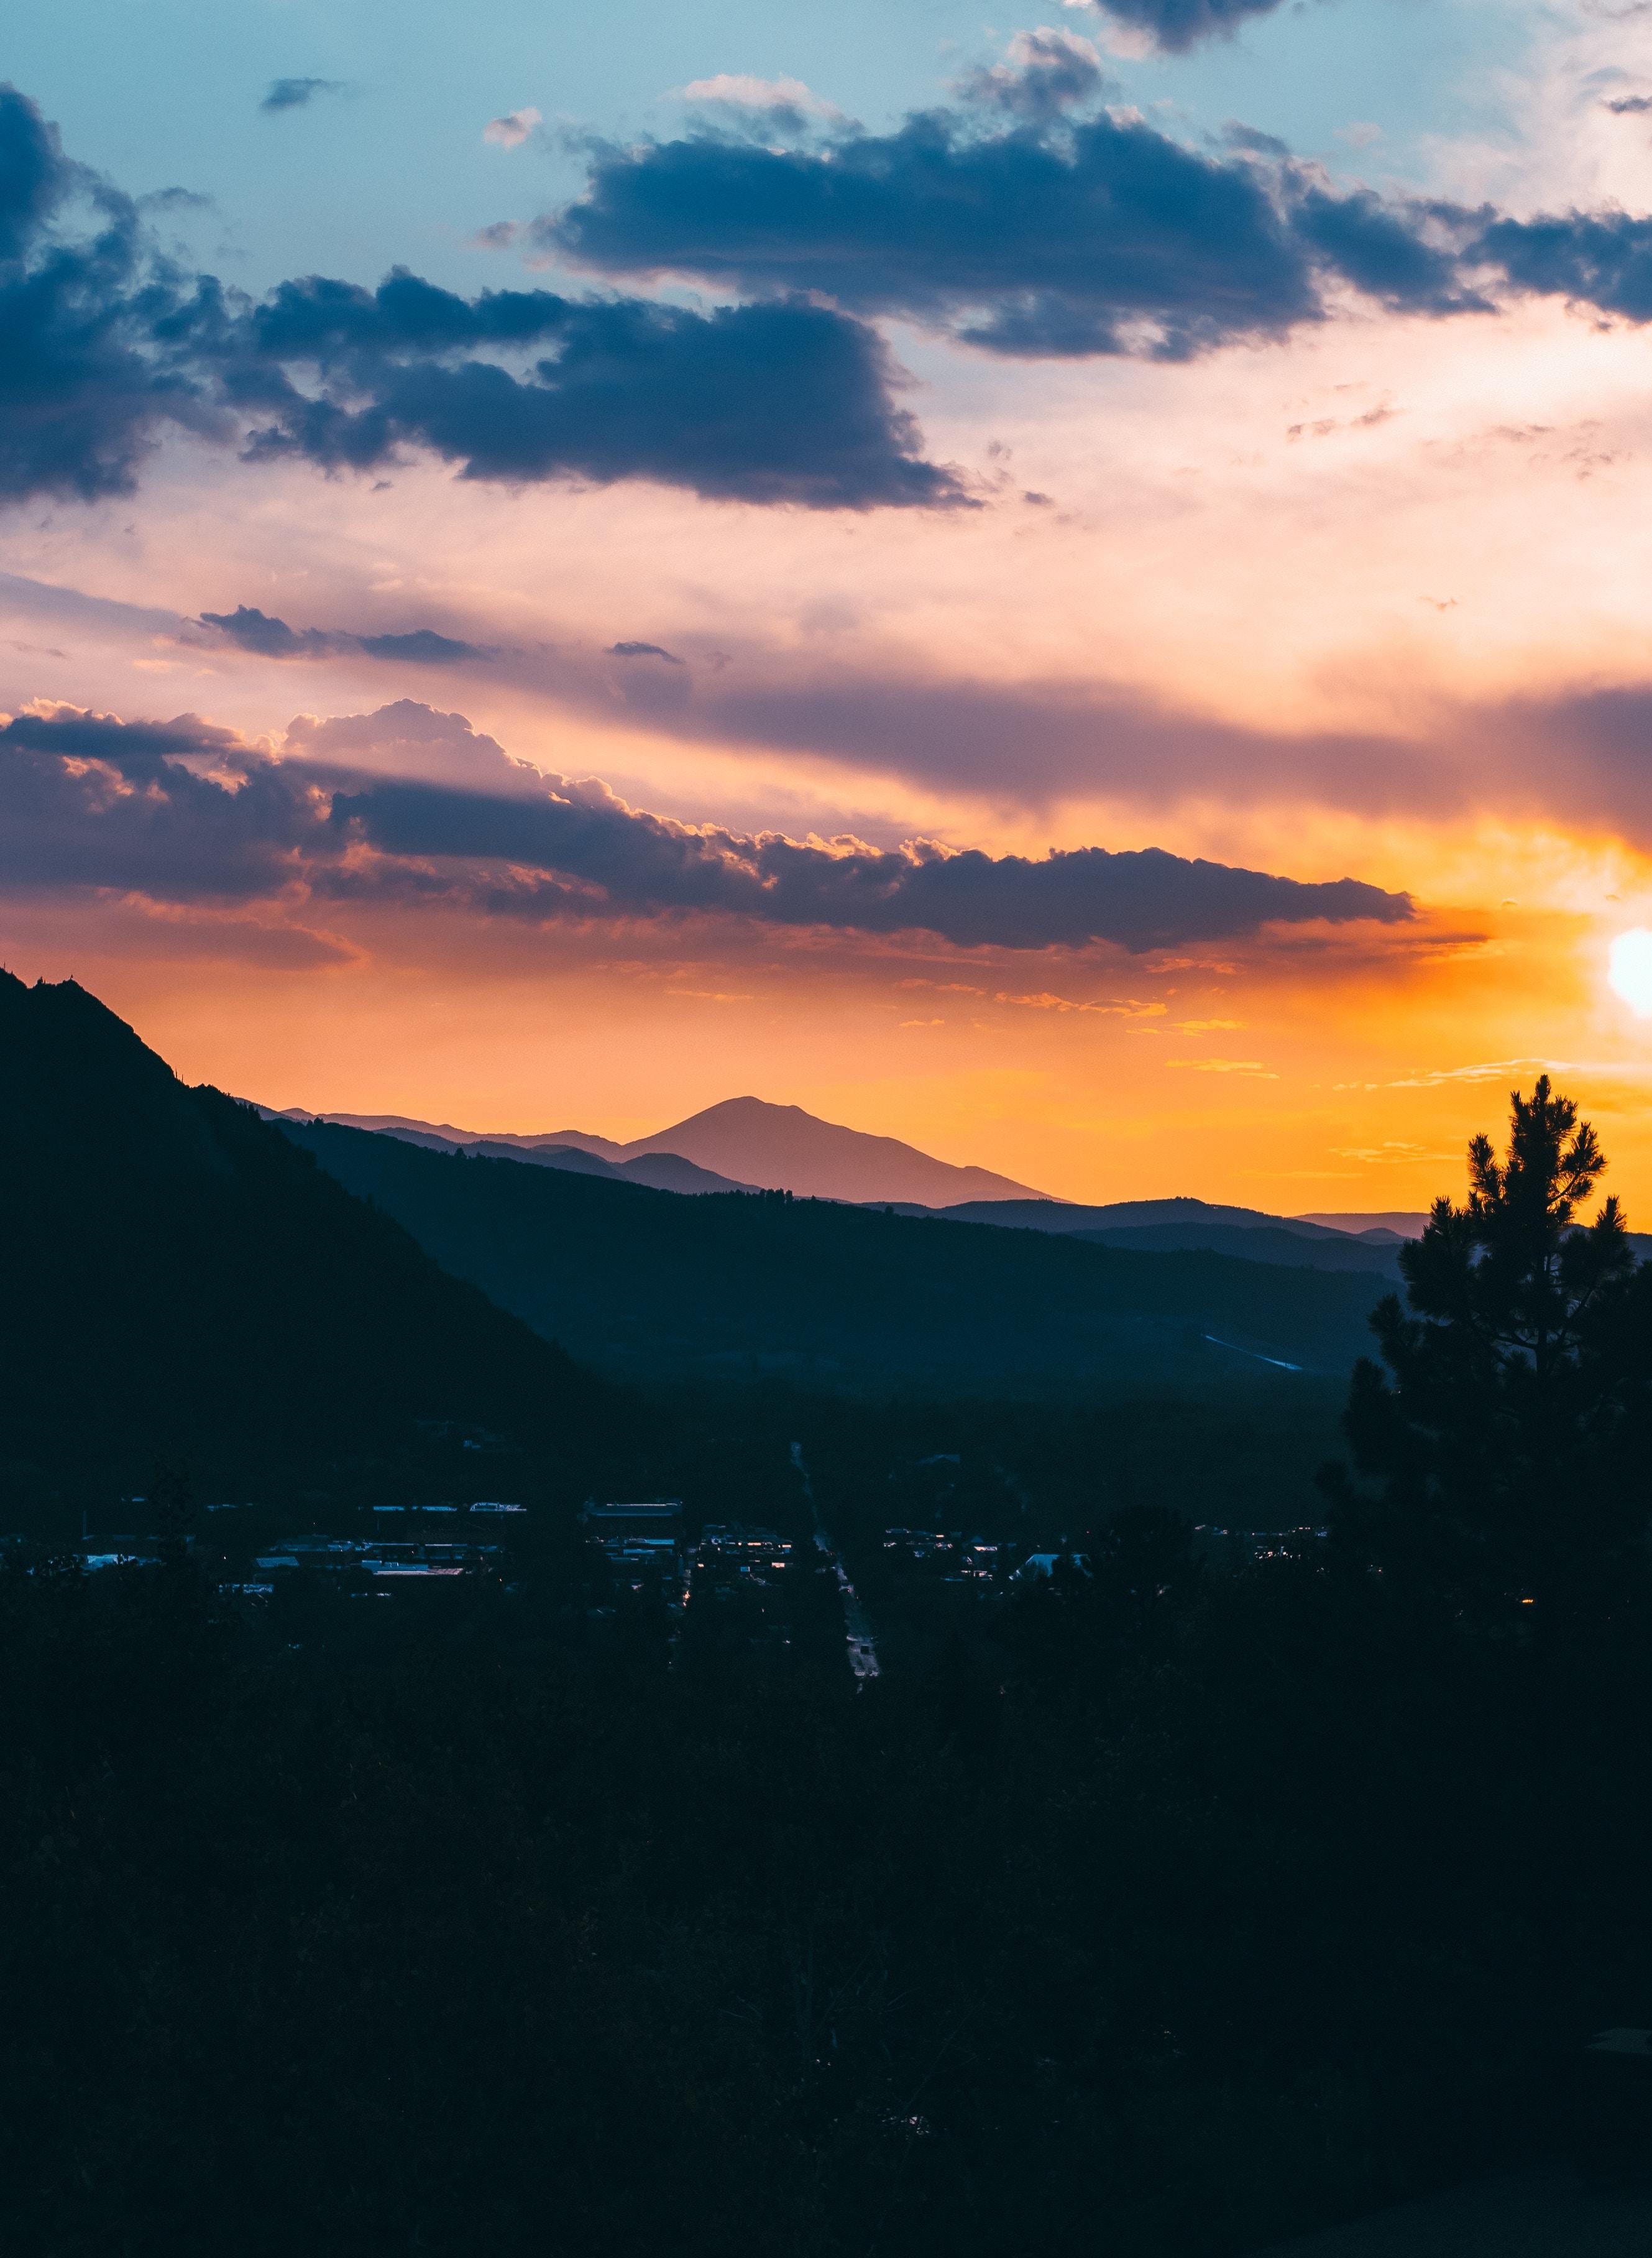 75975 papel de parede 2160x3840 em seu telefone gratuitamente, baixe imagens Natureza, Pôr Do Sol, Montanhas, Nuvens, Vista De Cima, Ver De Cima, Vila, Aldeia 2160x3840 em seu celular